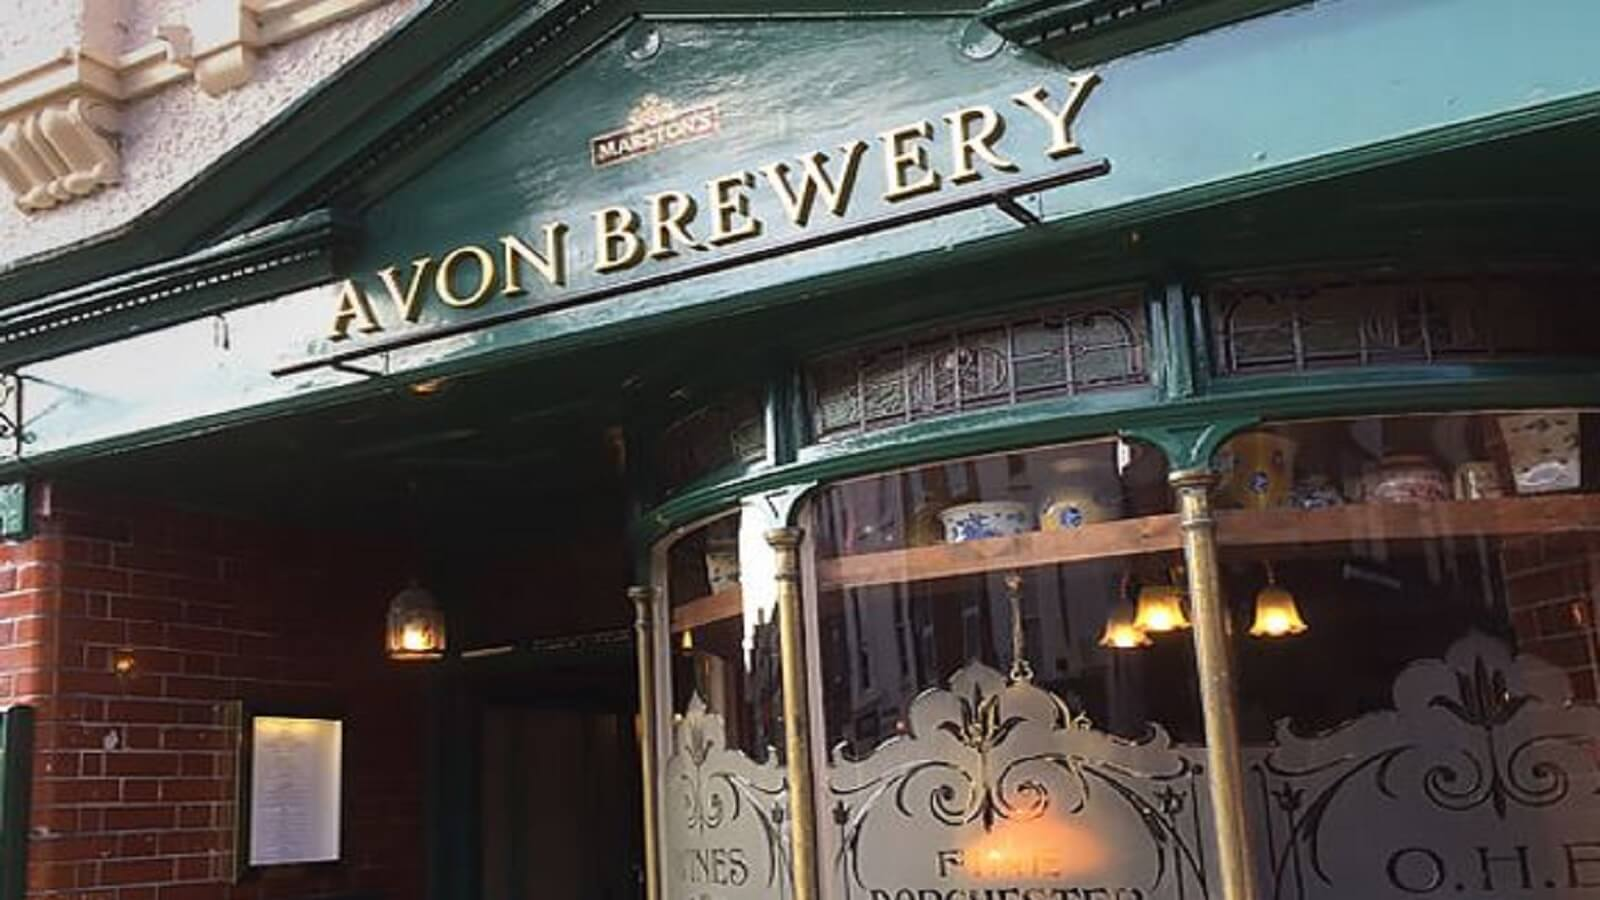 Avon Brewery